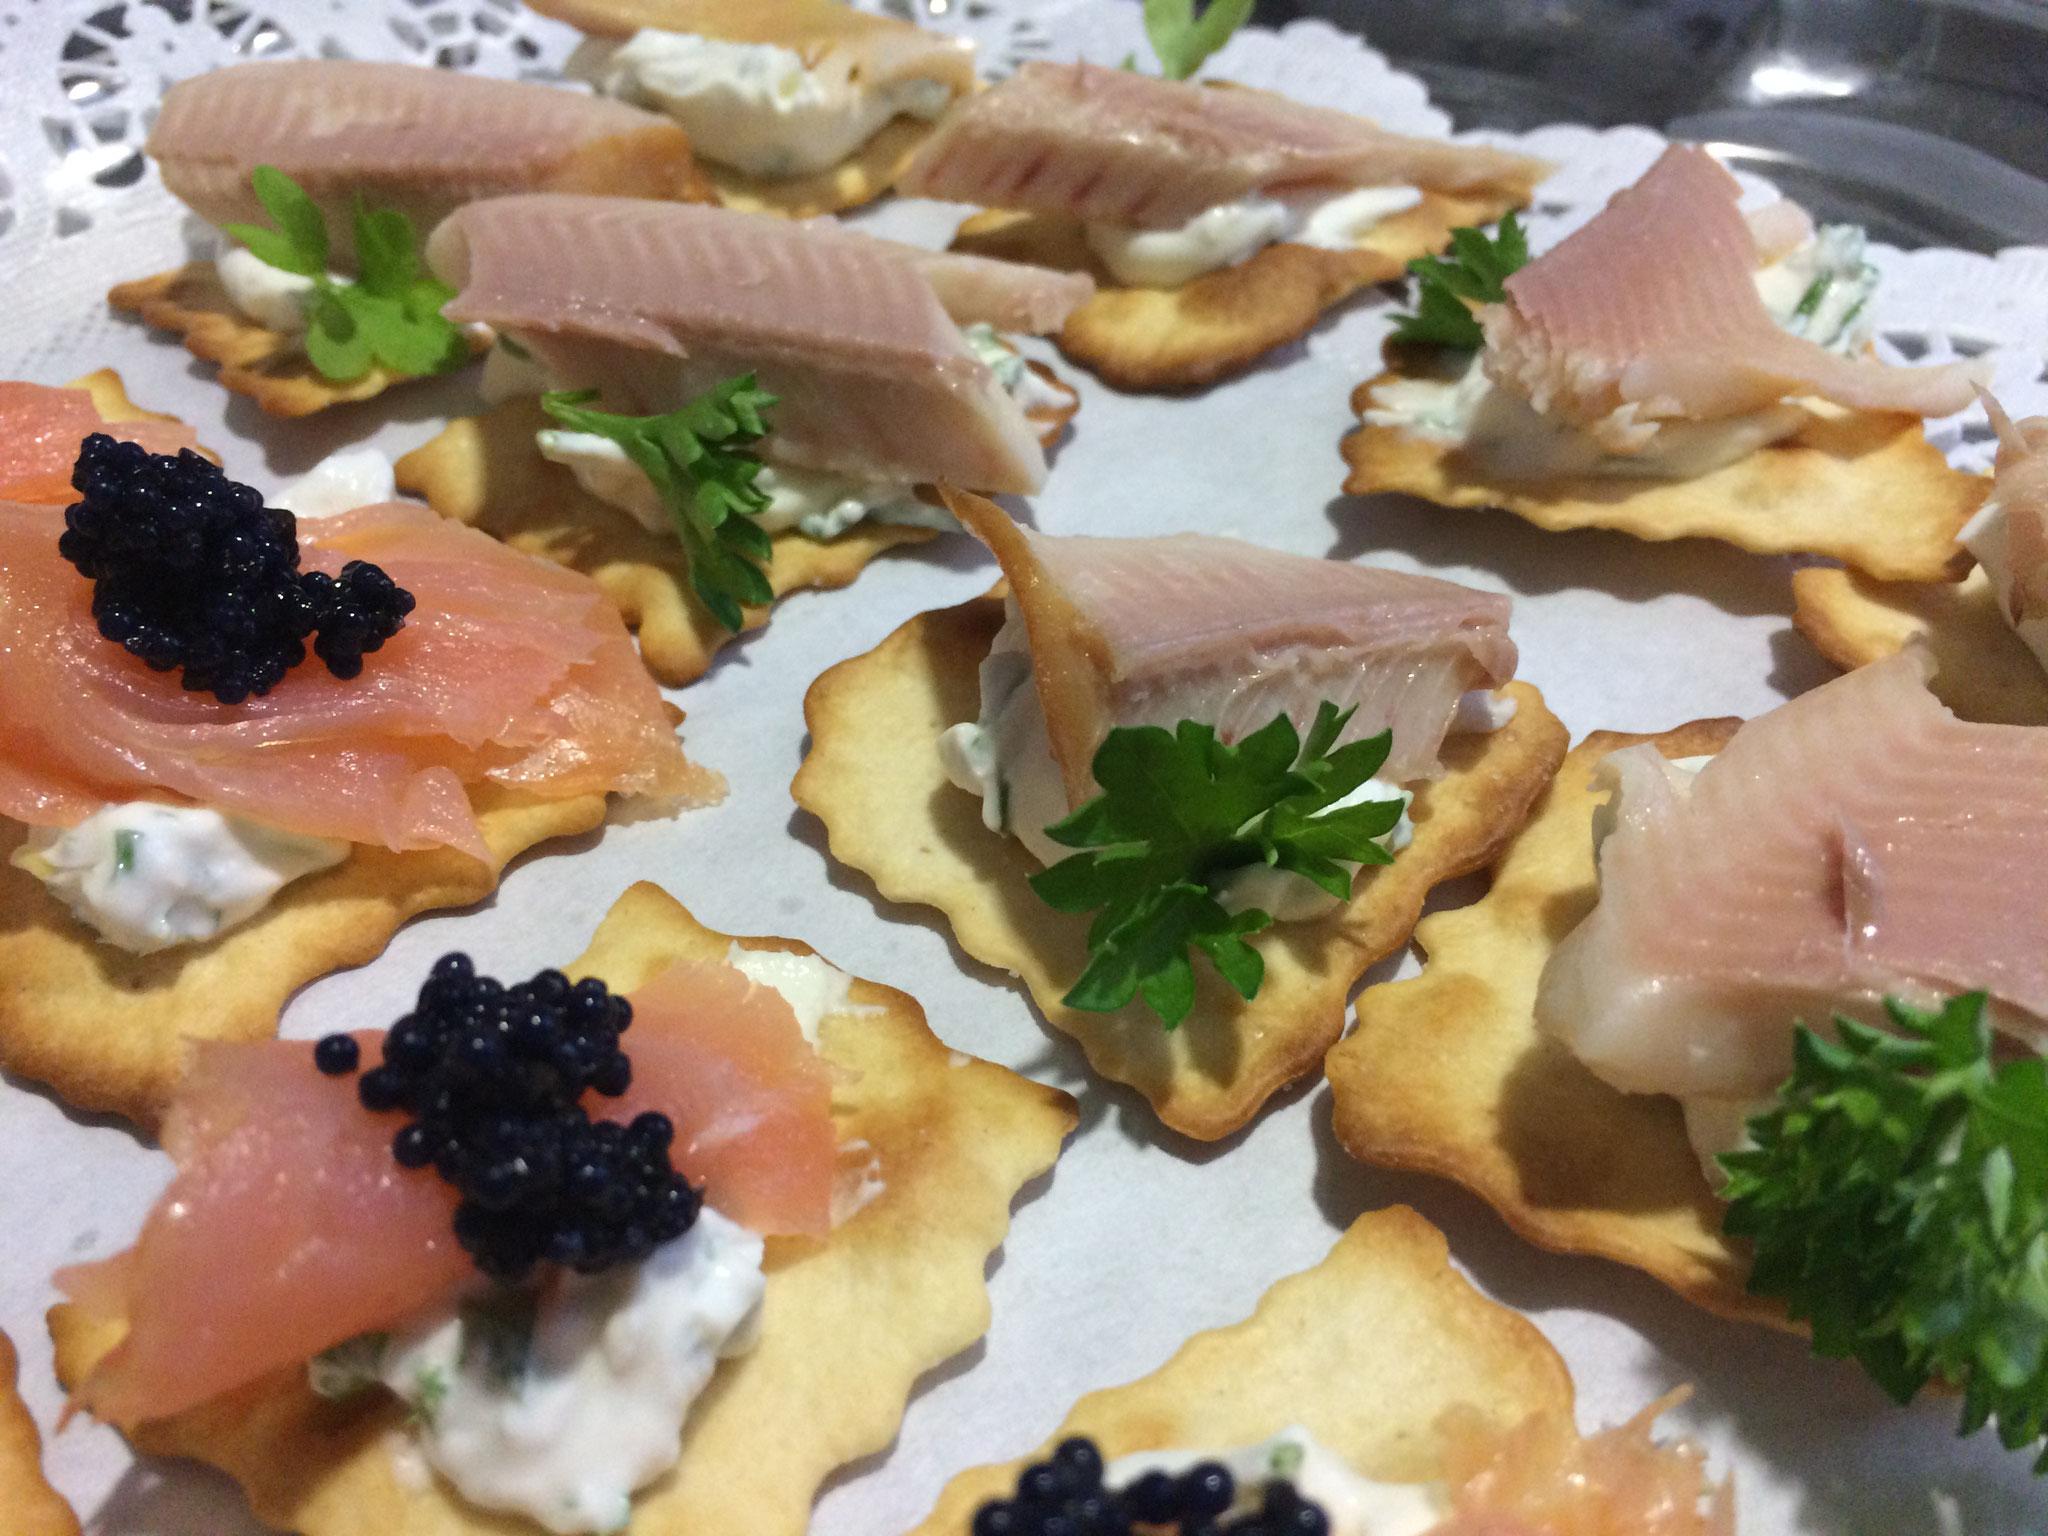 Lachs und Forellenfilet mit Frischkäse auf Salz Cracker